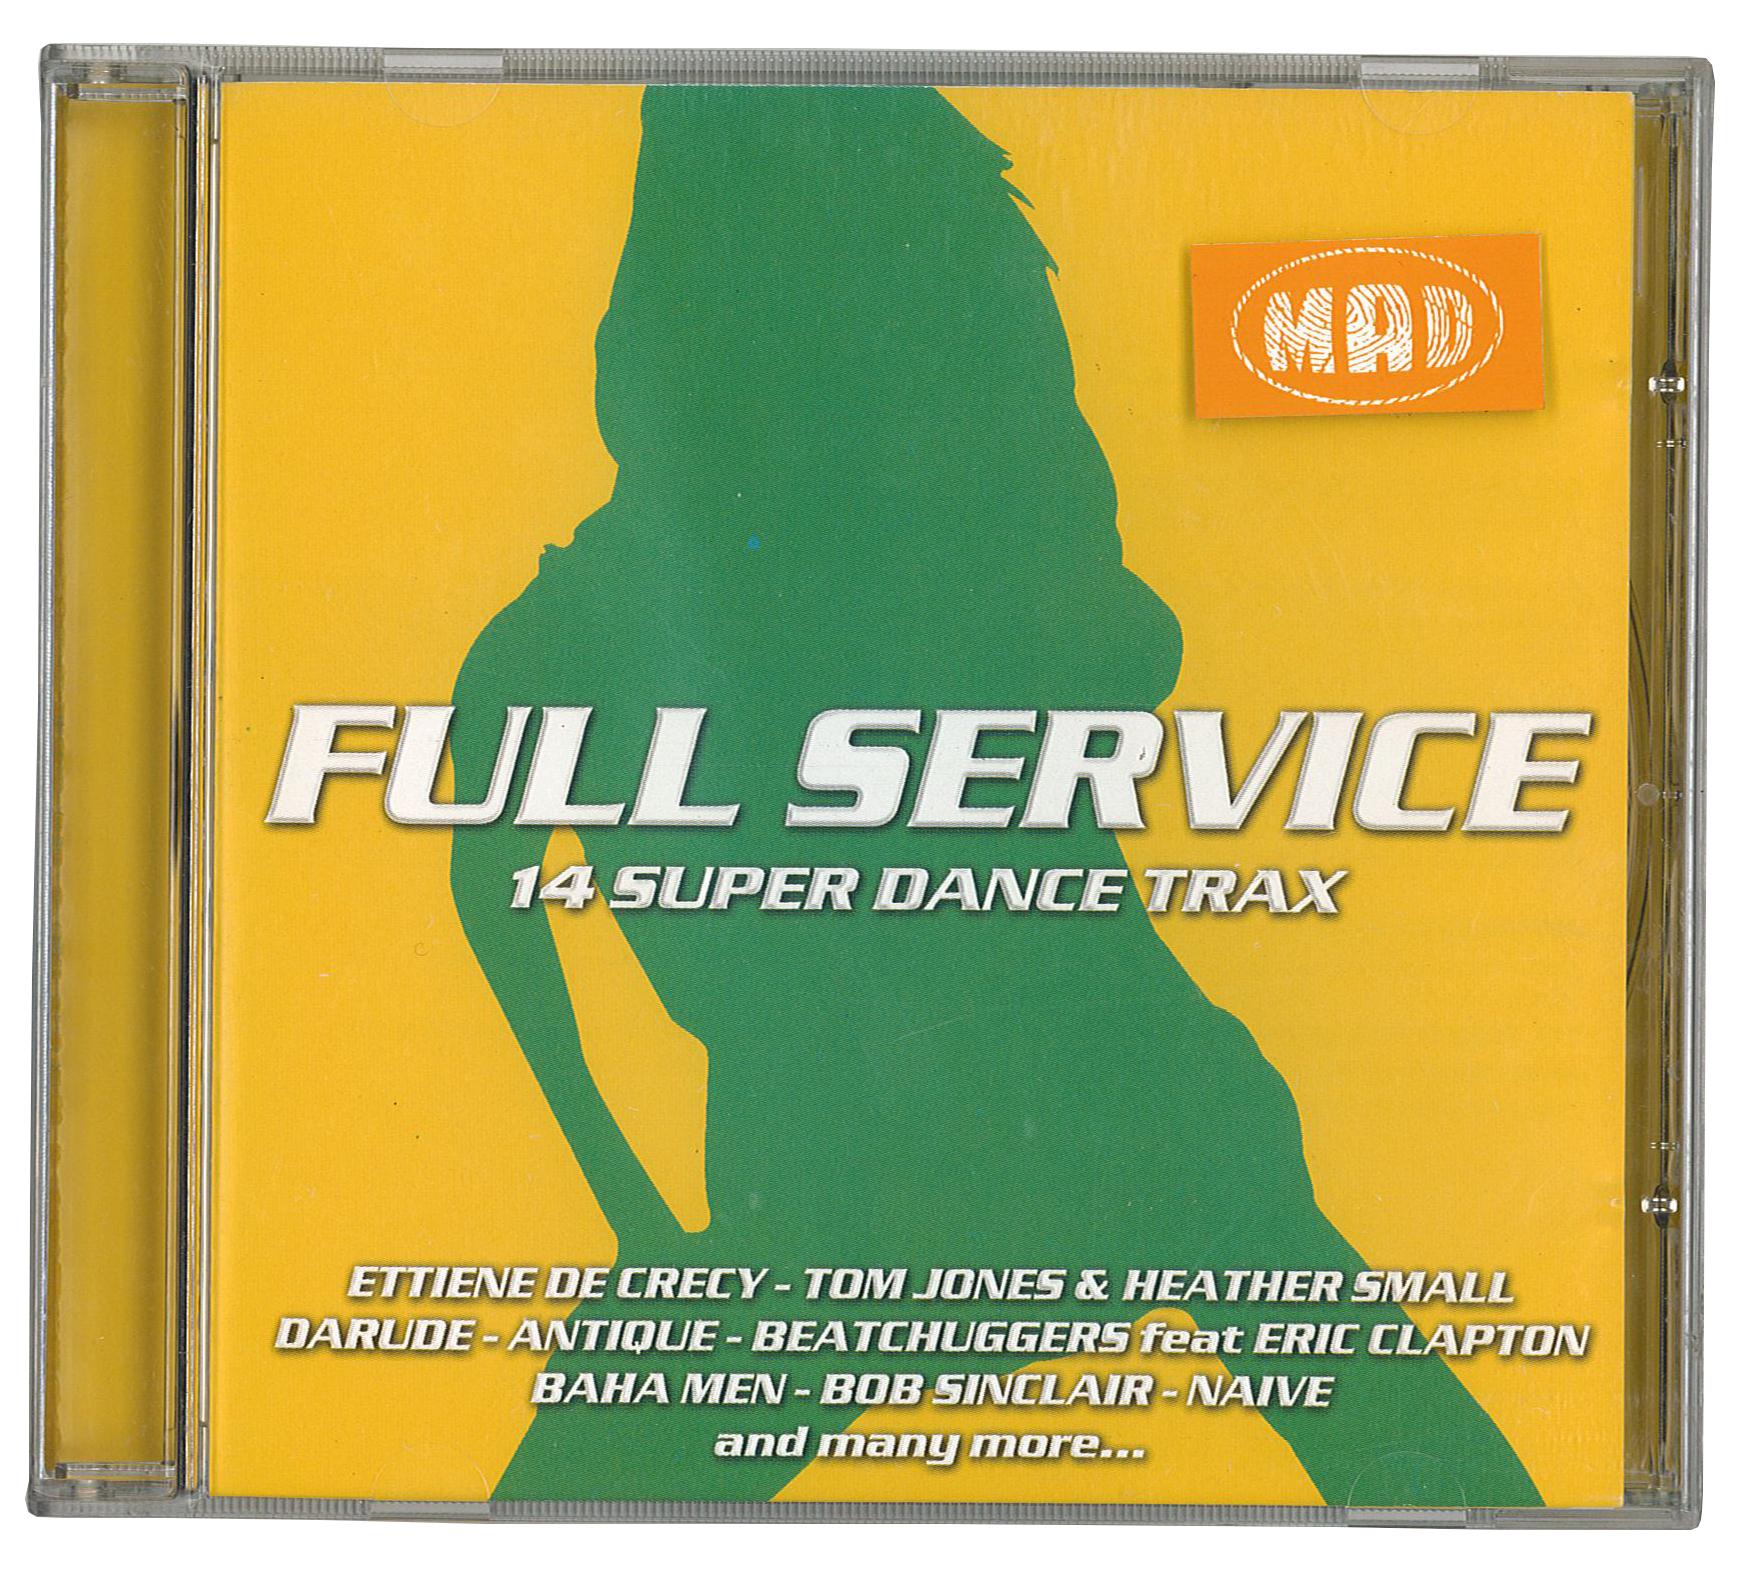 WLWLTDOO-2000-CD-FULL_SERVICE-VTG8019-2-FRONT.jpg